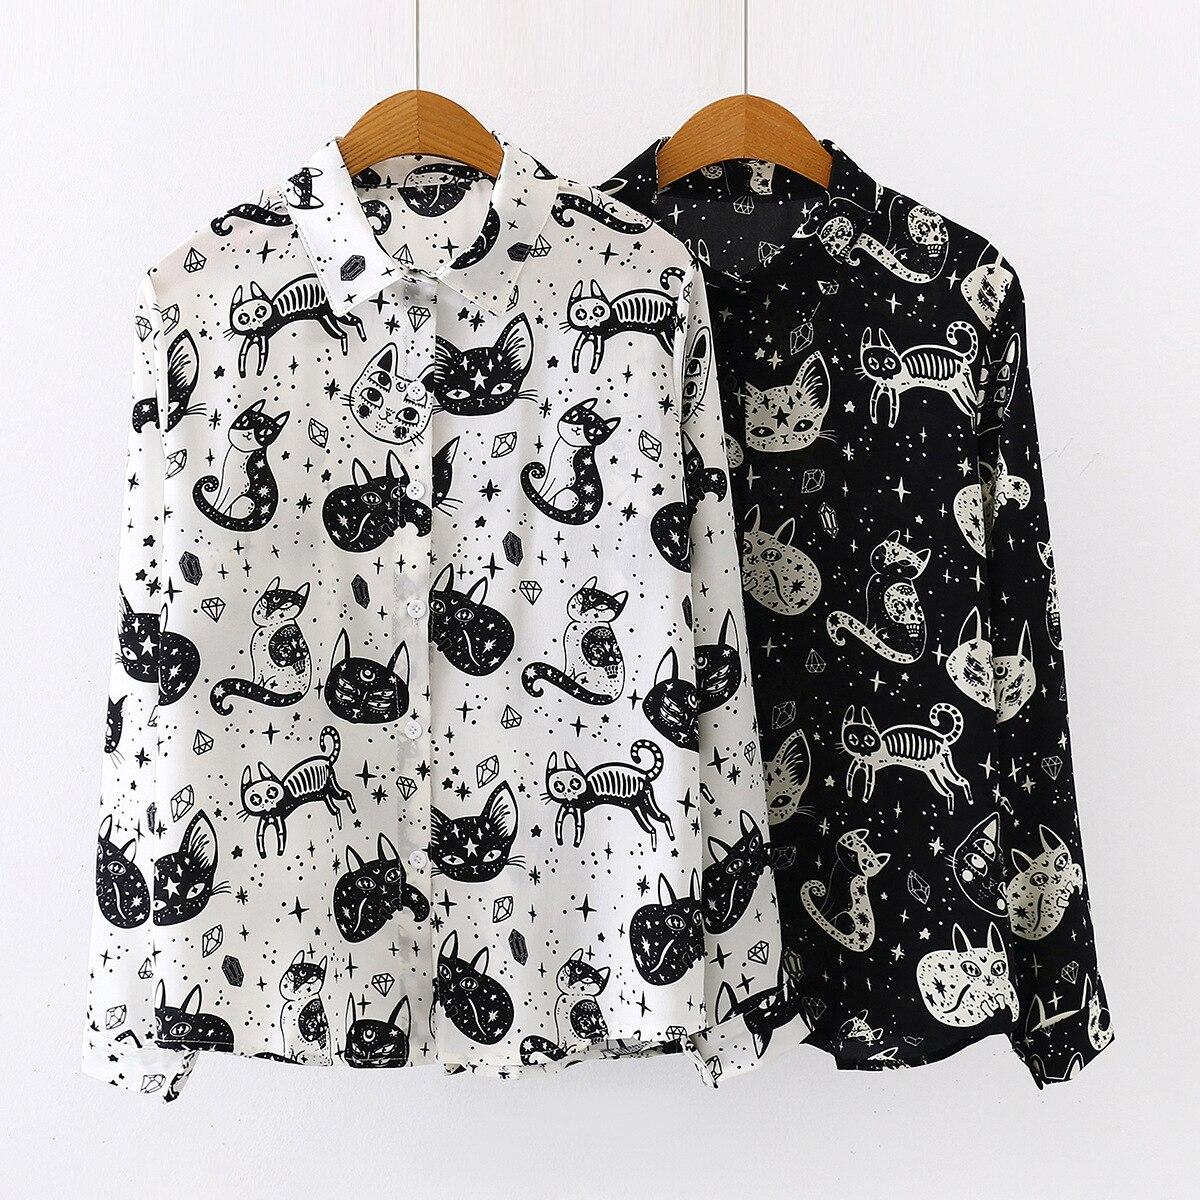 Verano otoño Mujer Camisas Negro Blanco estampado de gato Blusas moda Slim camisa de gasa de manga larga Mujer Tops Blusas Mujer|Blusas y camisas|   - AliExpress